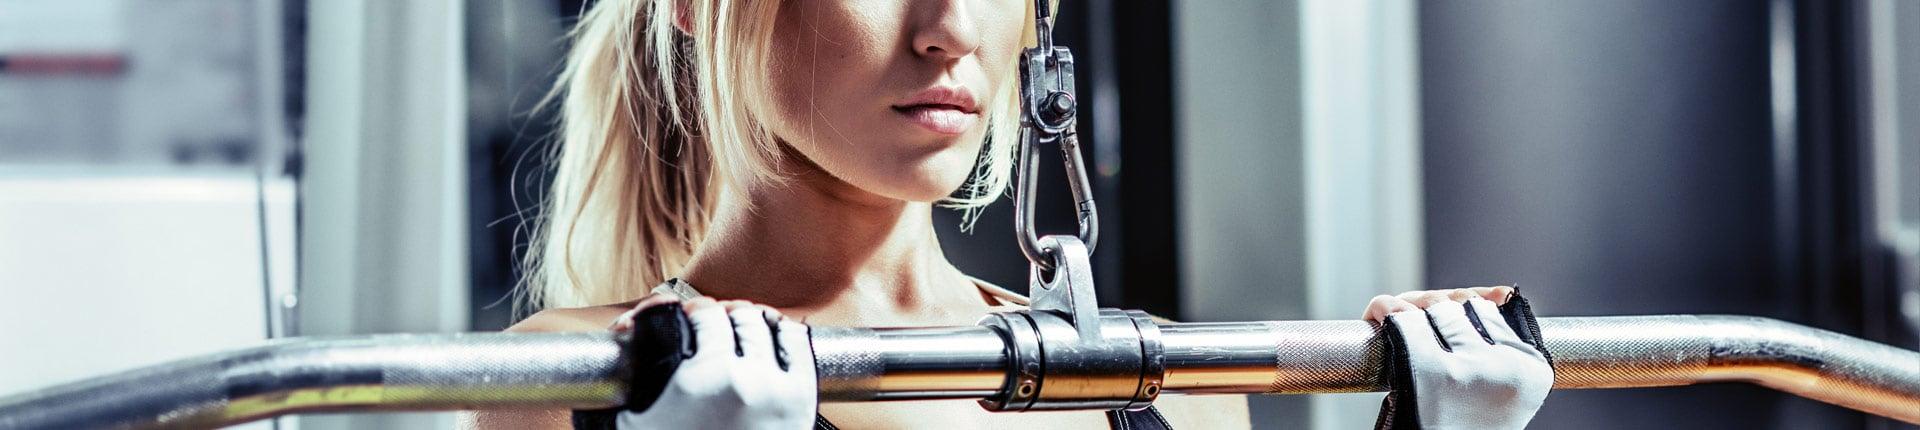 Najczęsciej popełniane błędy przez trenujące kobiety